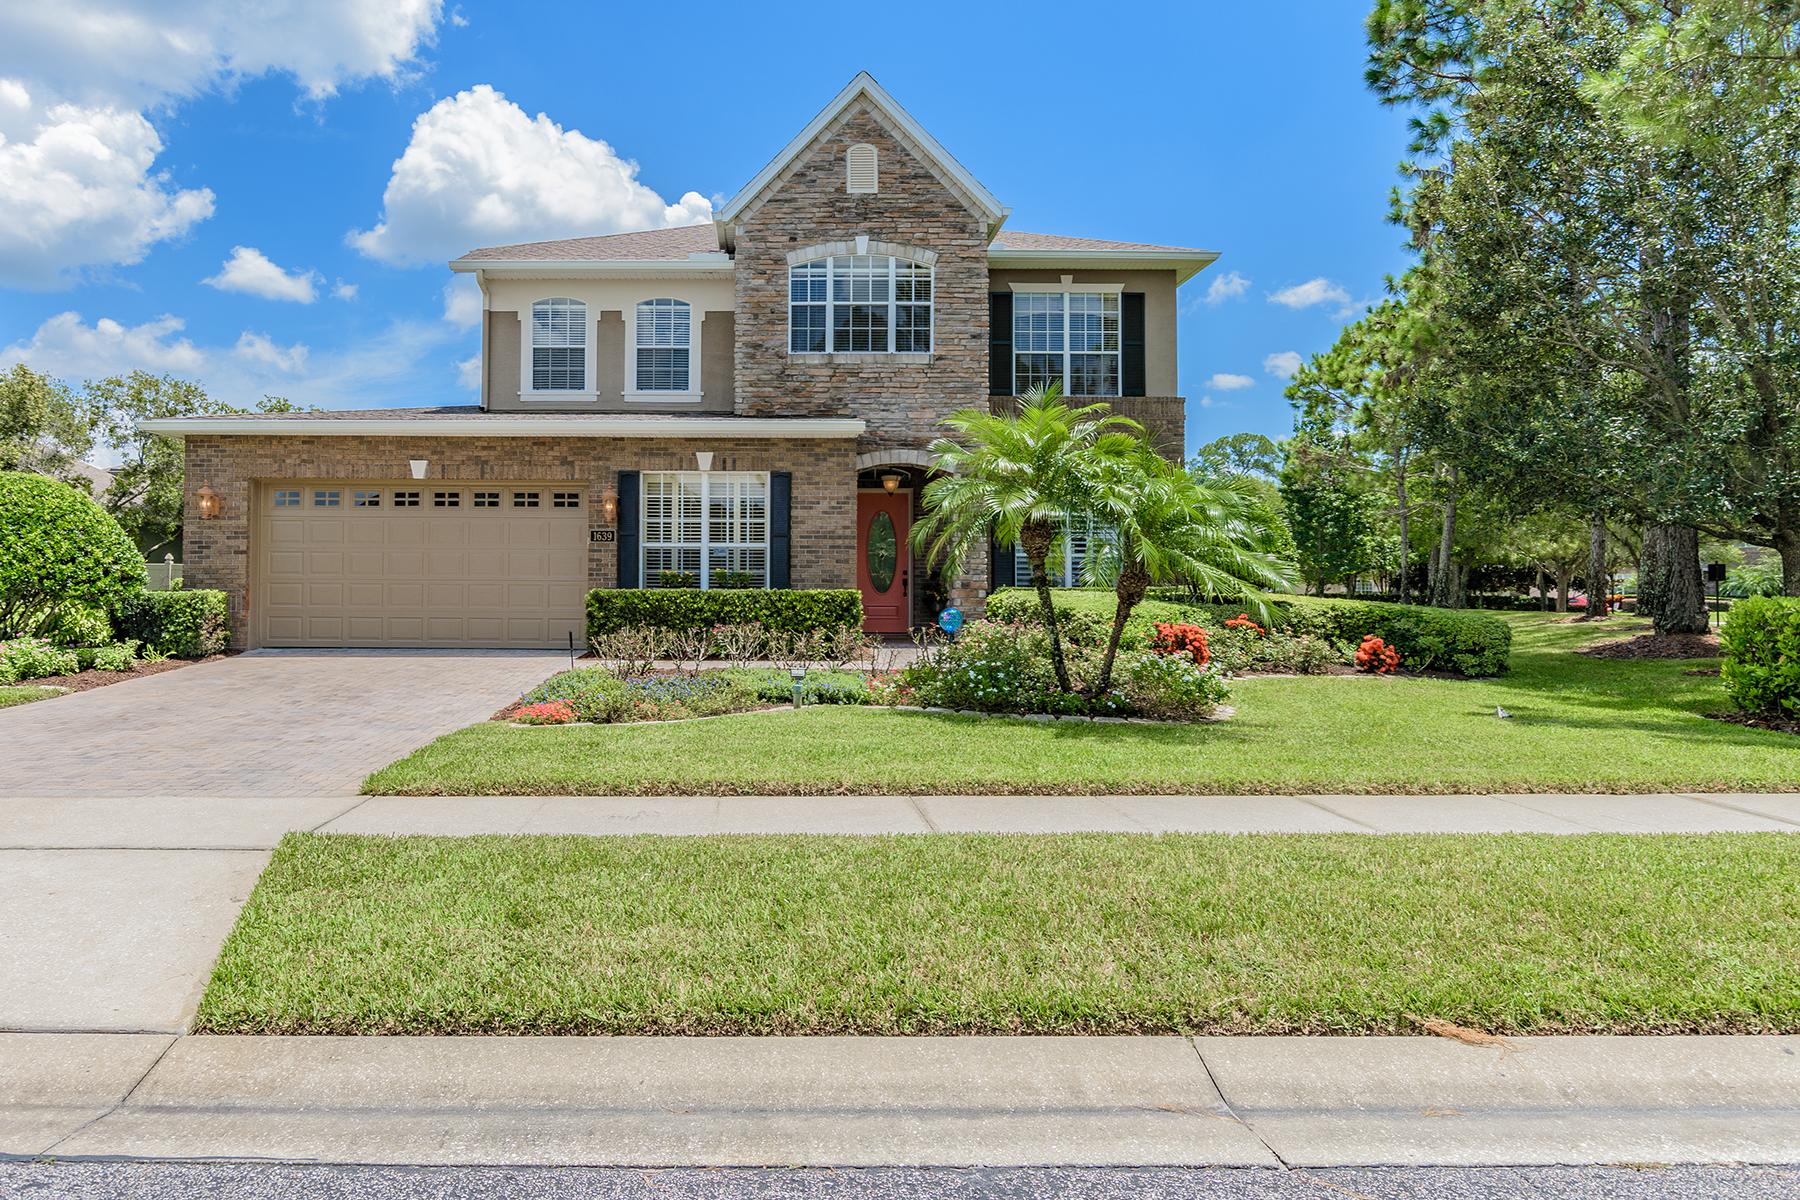 Villa per Vendita alle ore Orlando-Sanford 1639 Astor Farms Pl Sanford, Florida 32771 Stati Uniti